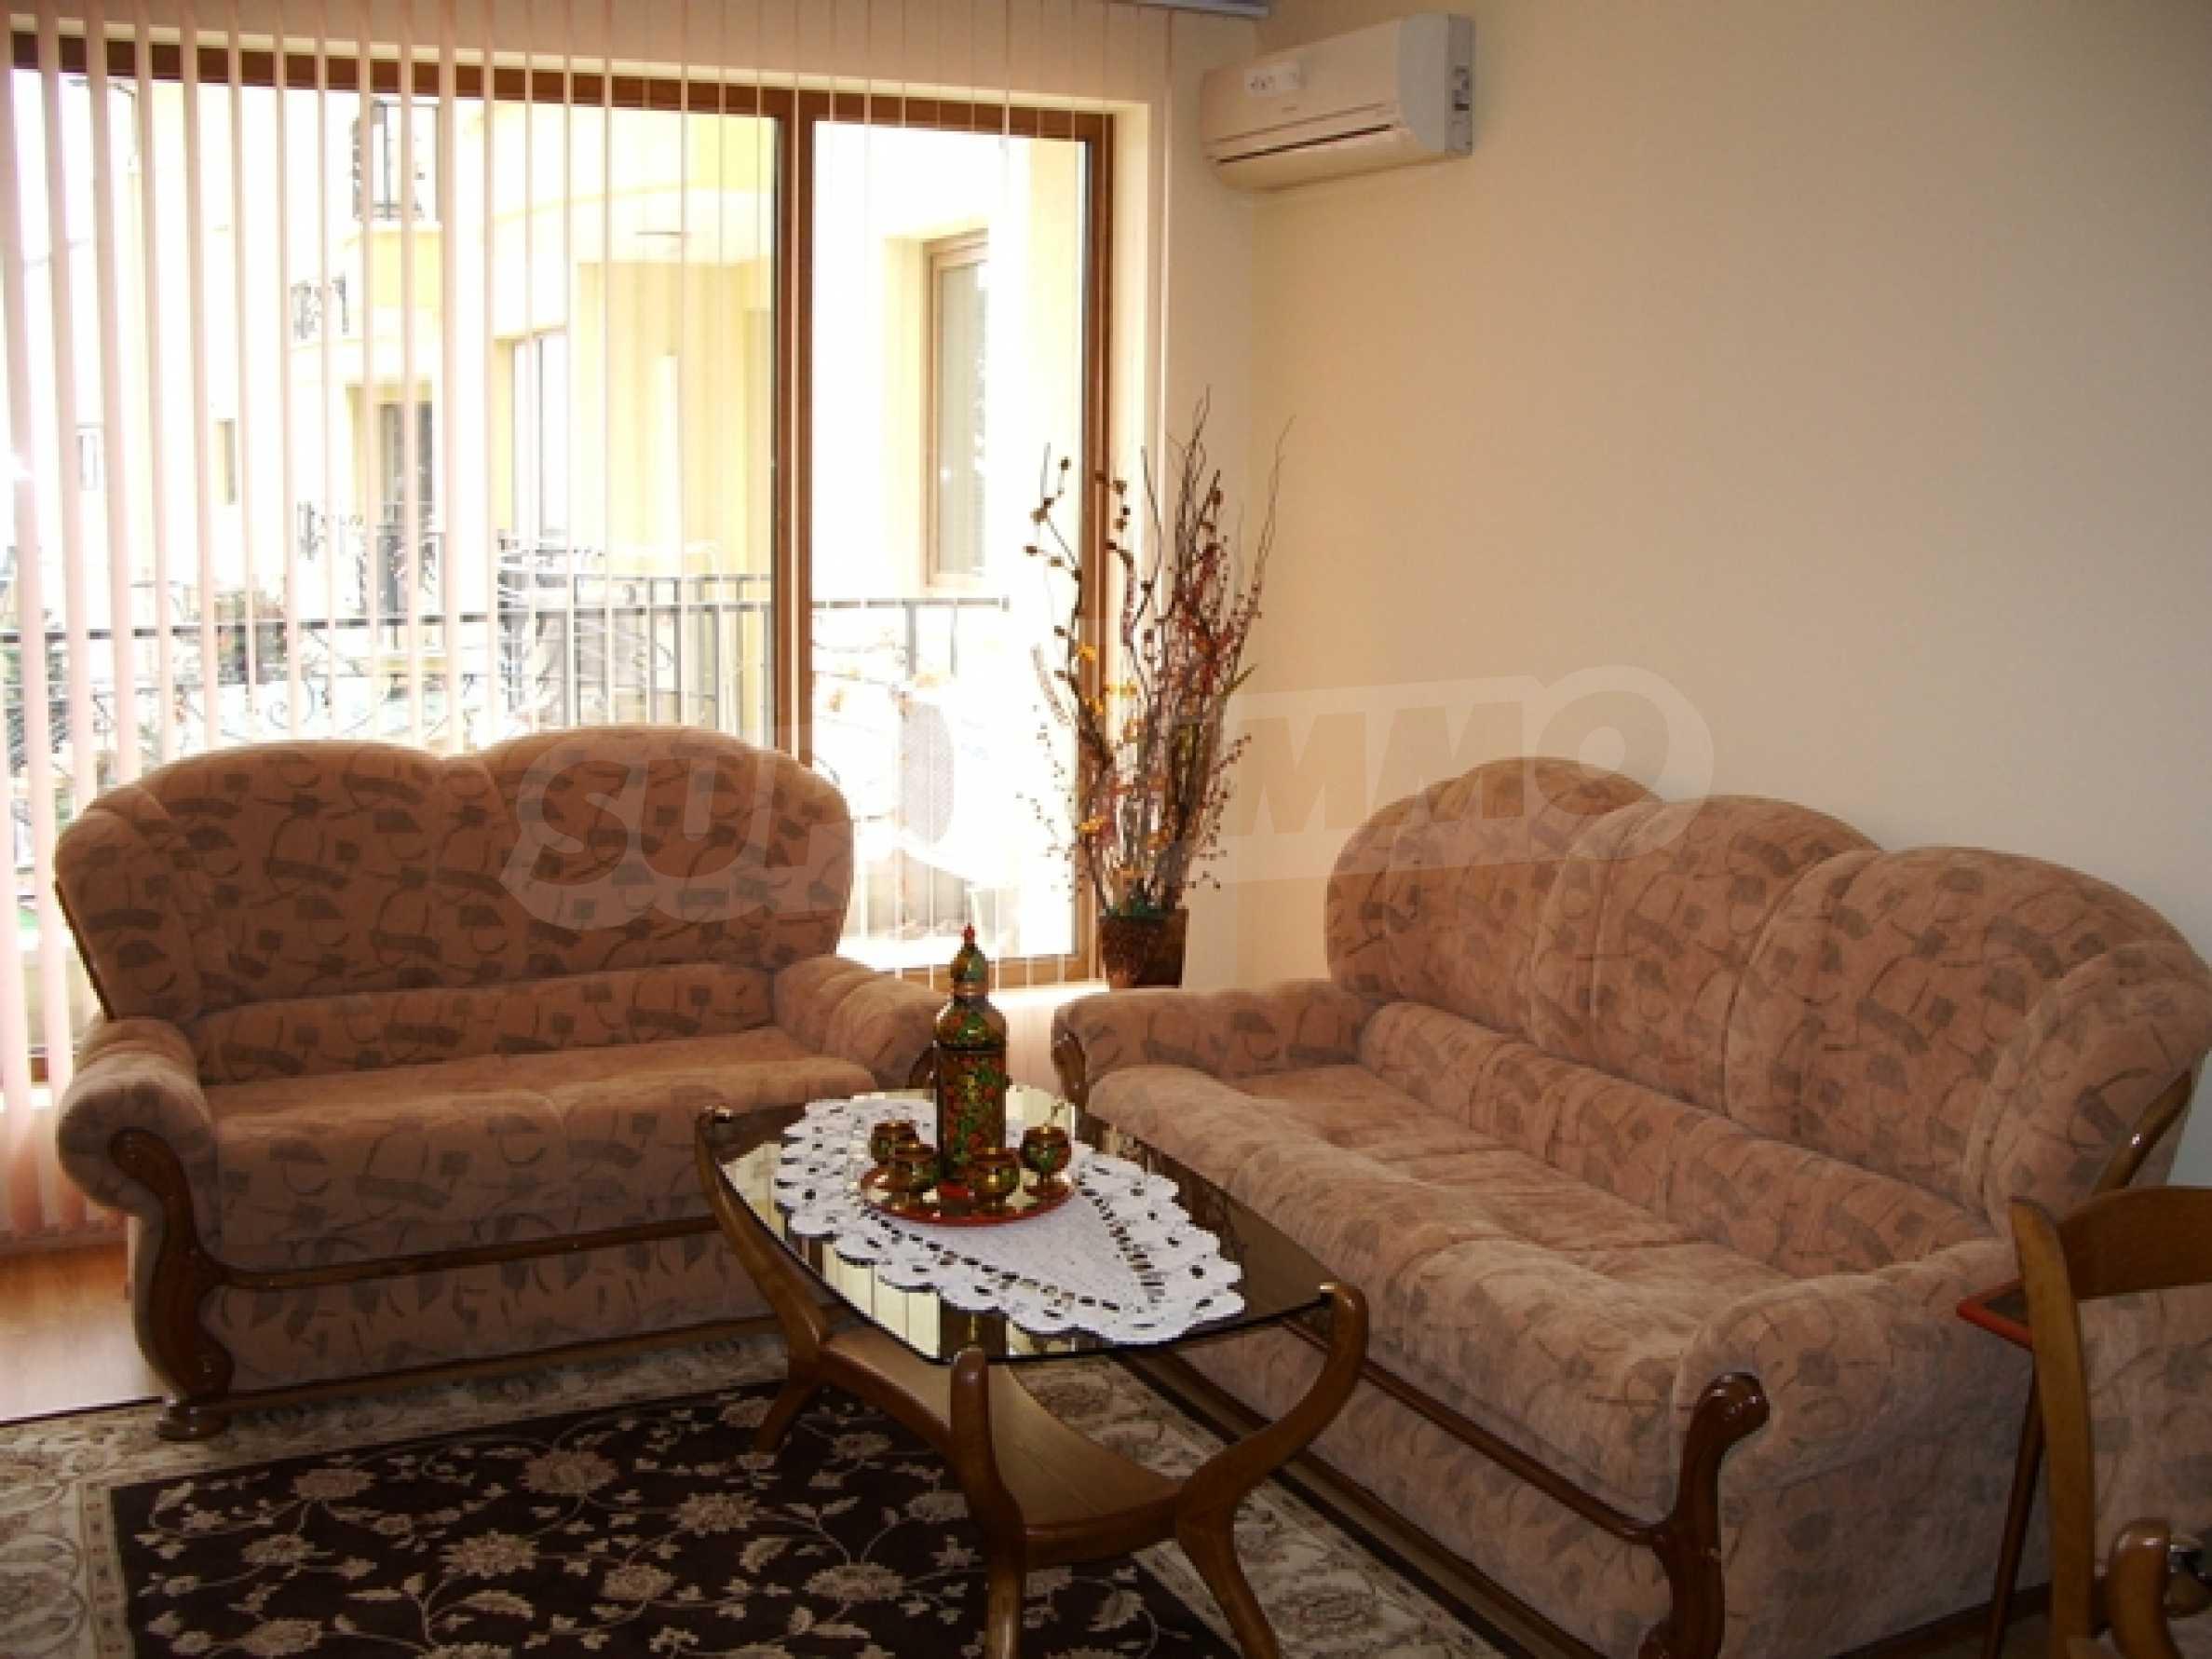 Apartment in 'Evksinograd'